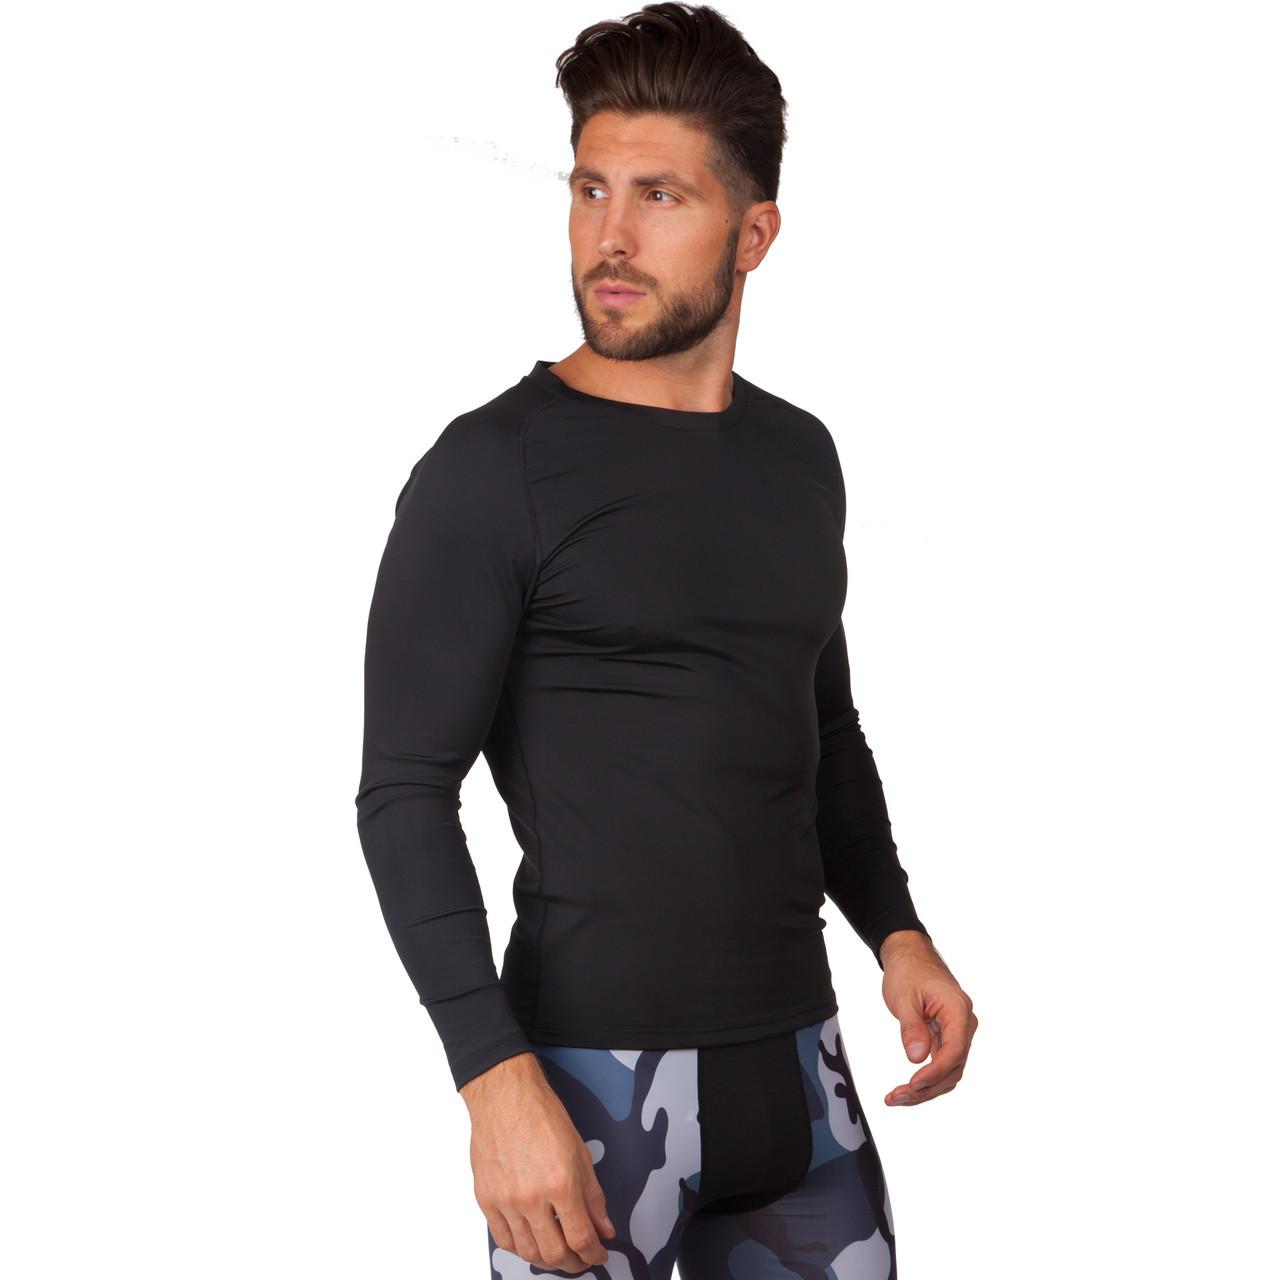 Компрессионная мужская футболка с длинным рукавом Domino 1716